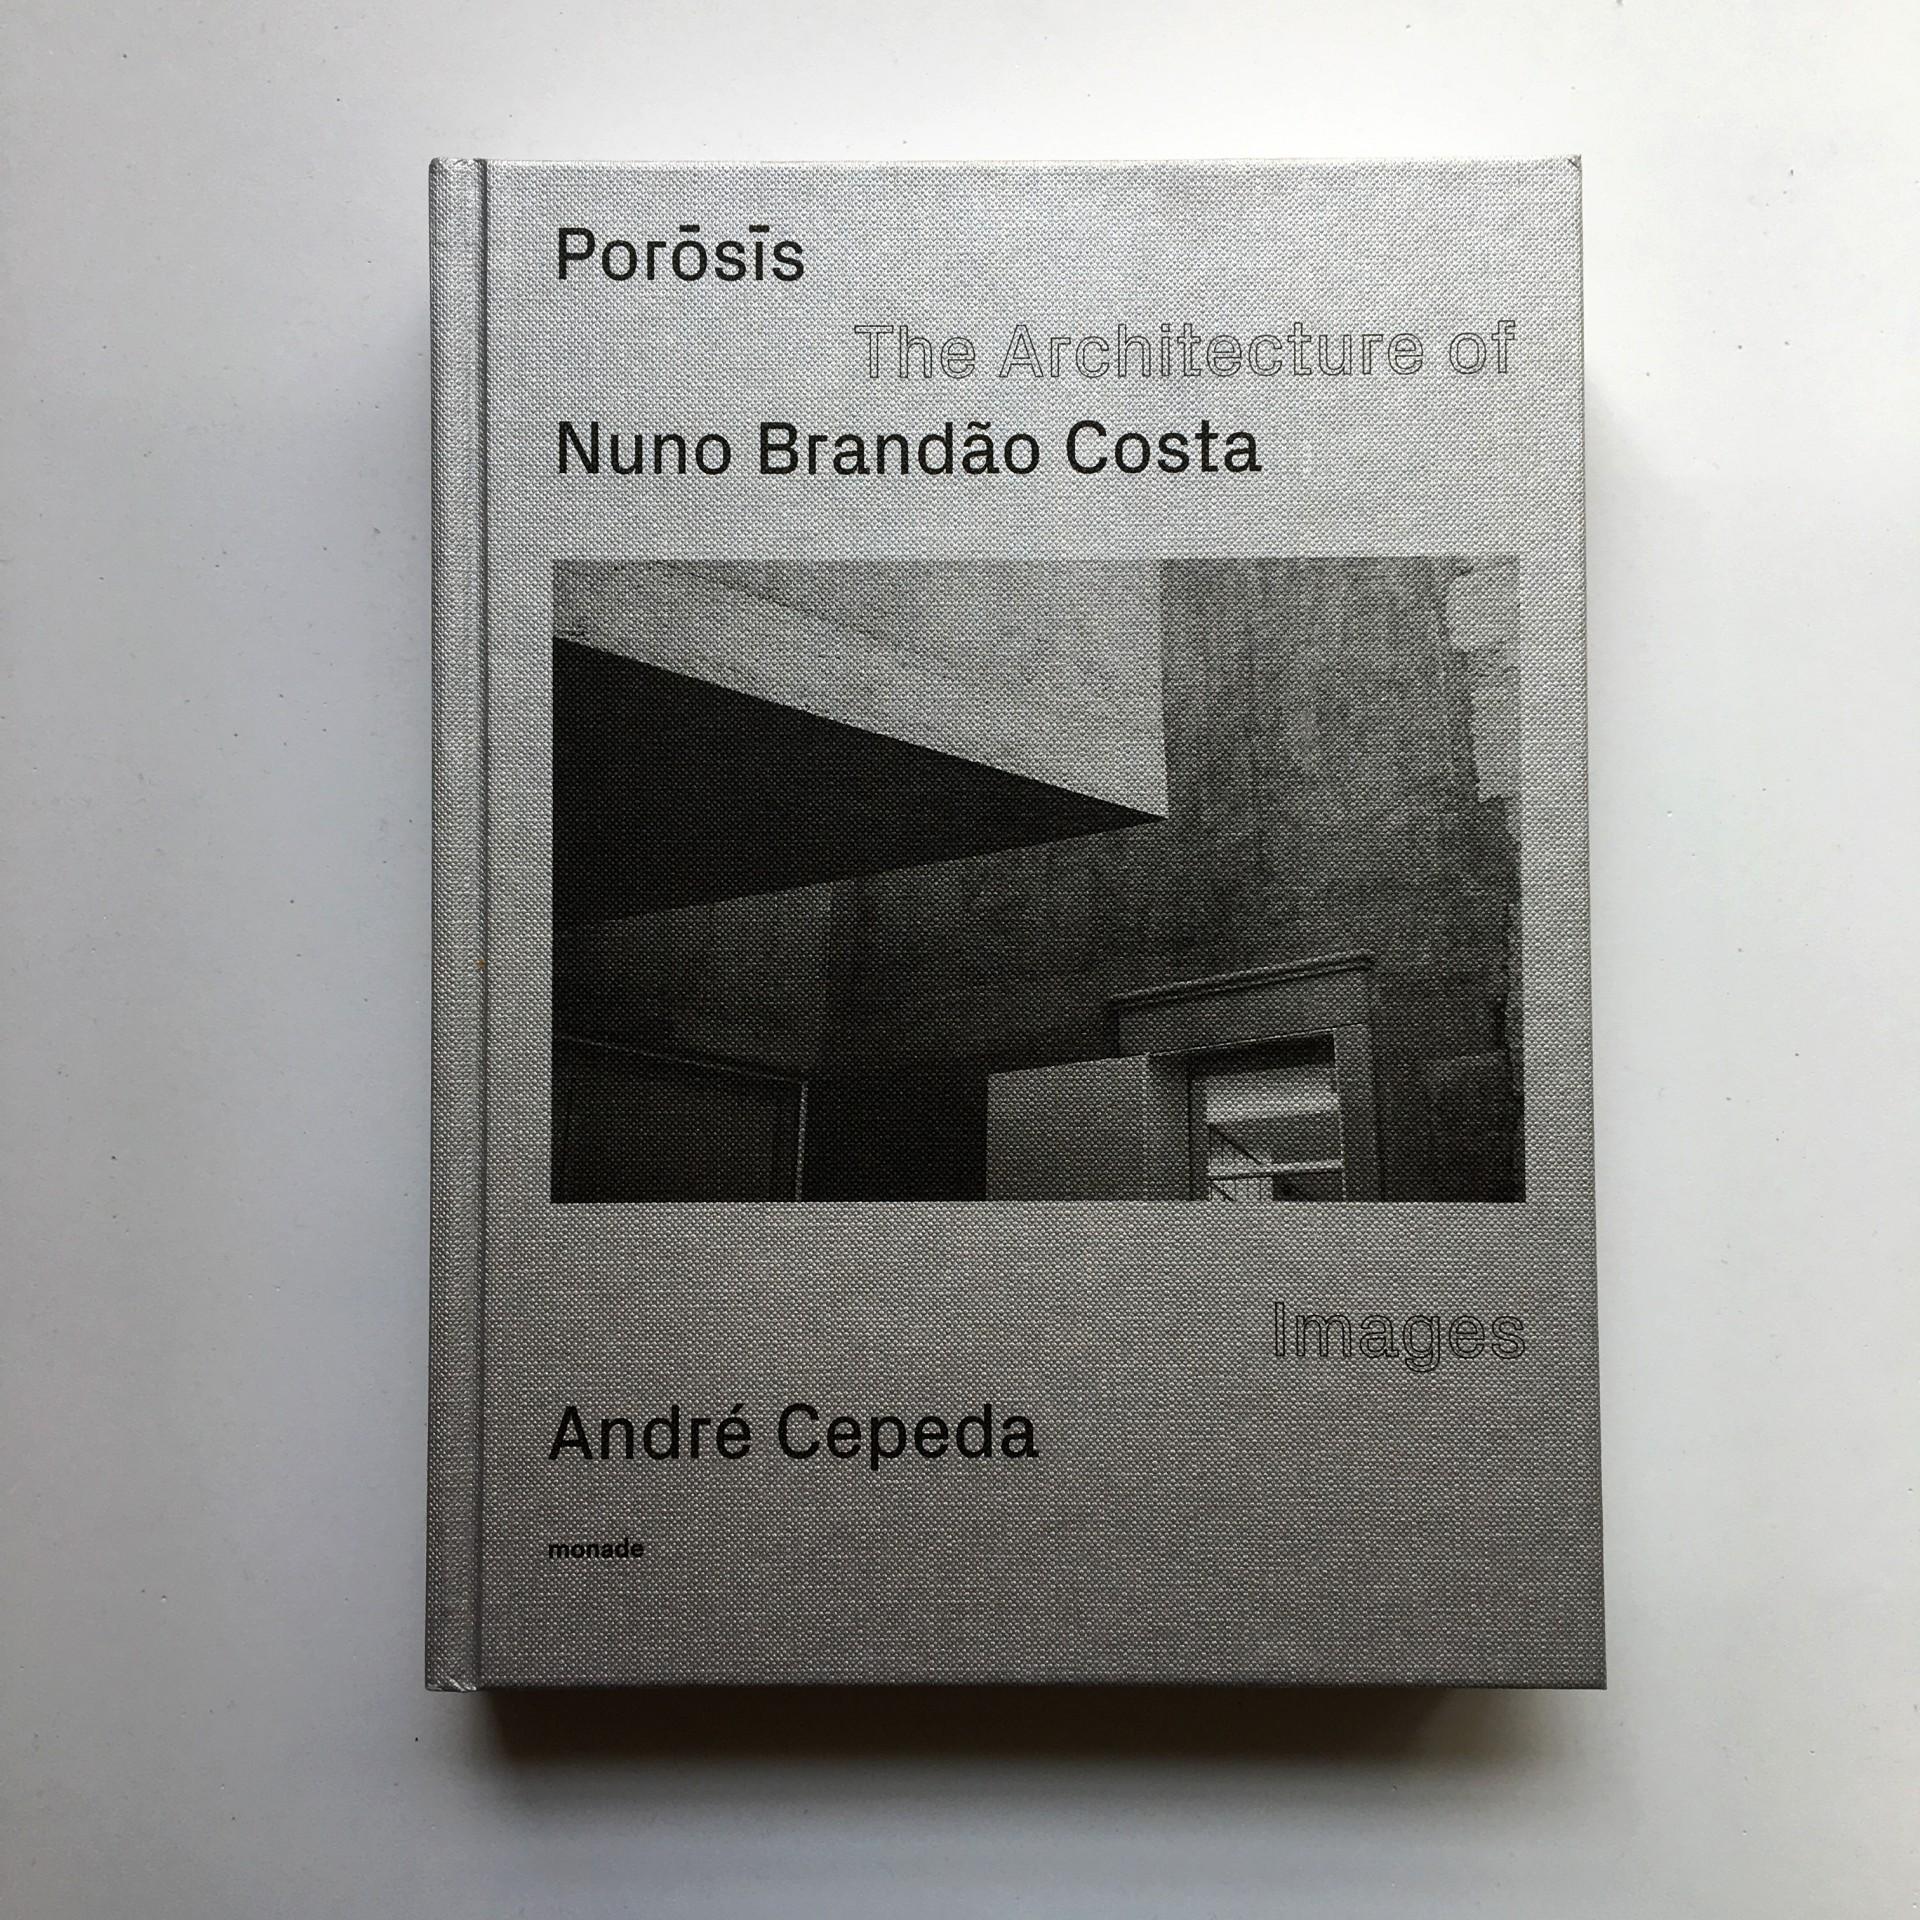 POROSIS / The Architecture of Nuno Brandão Costa